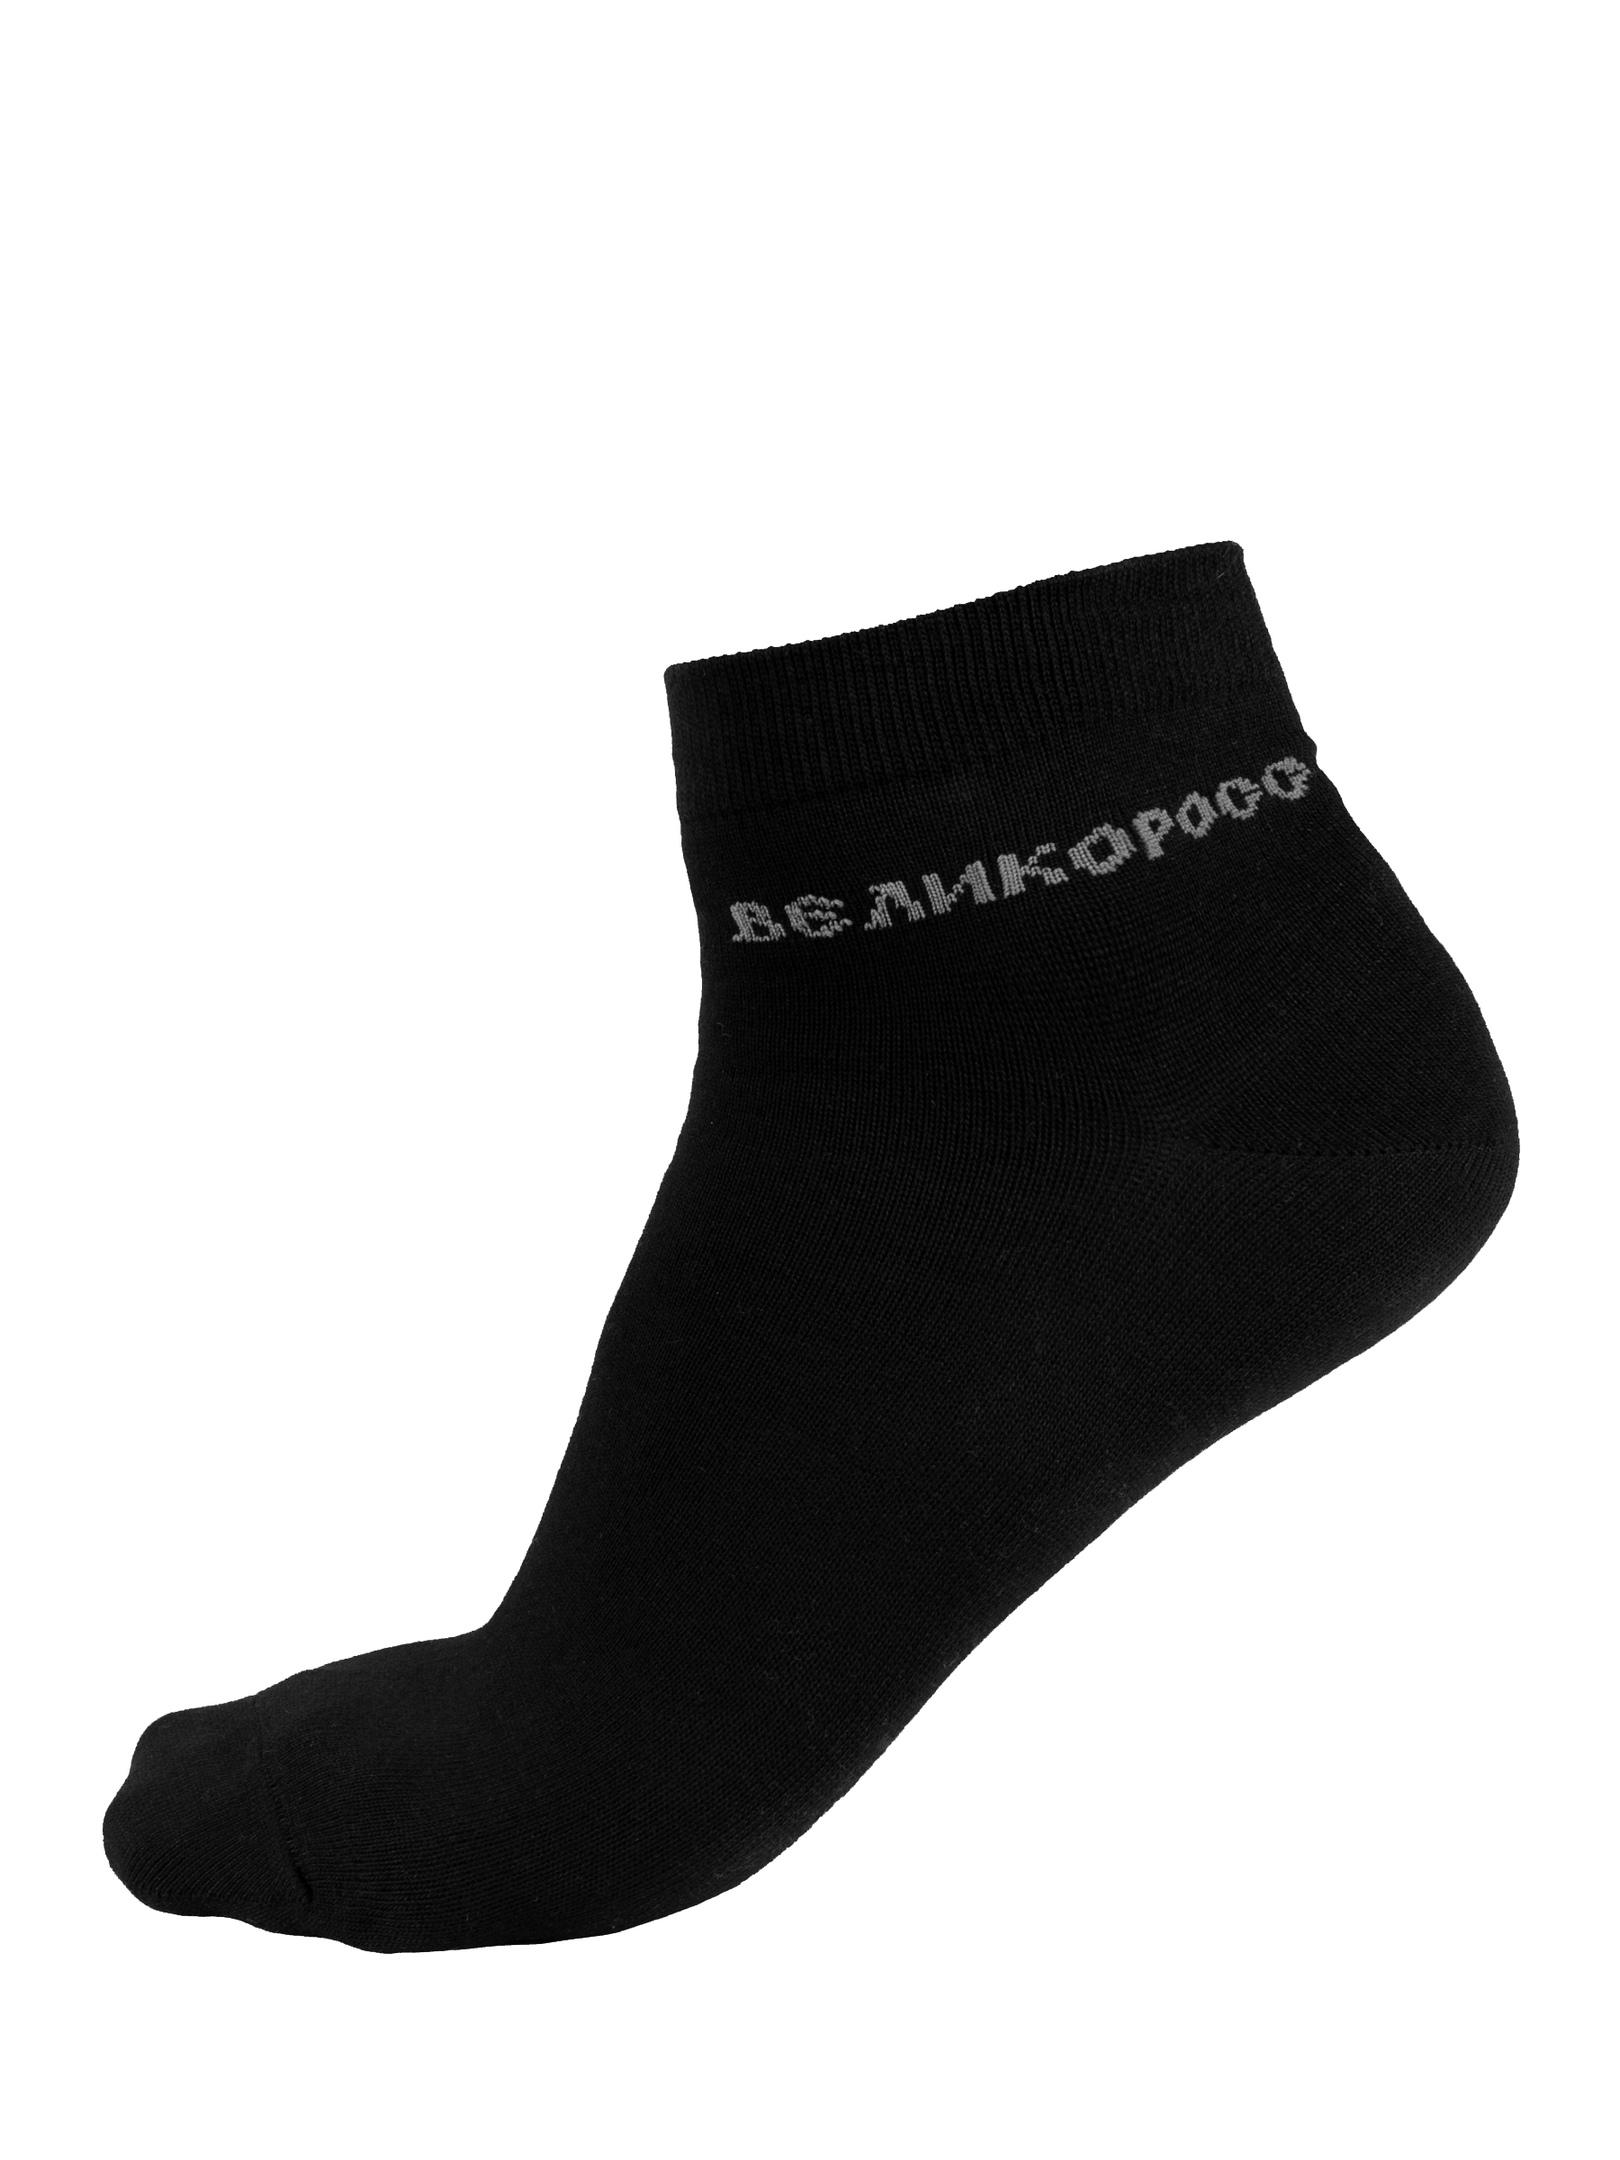 Носки Великоросс N557 черные 41-44